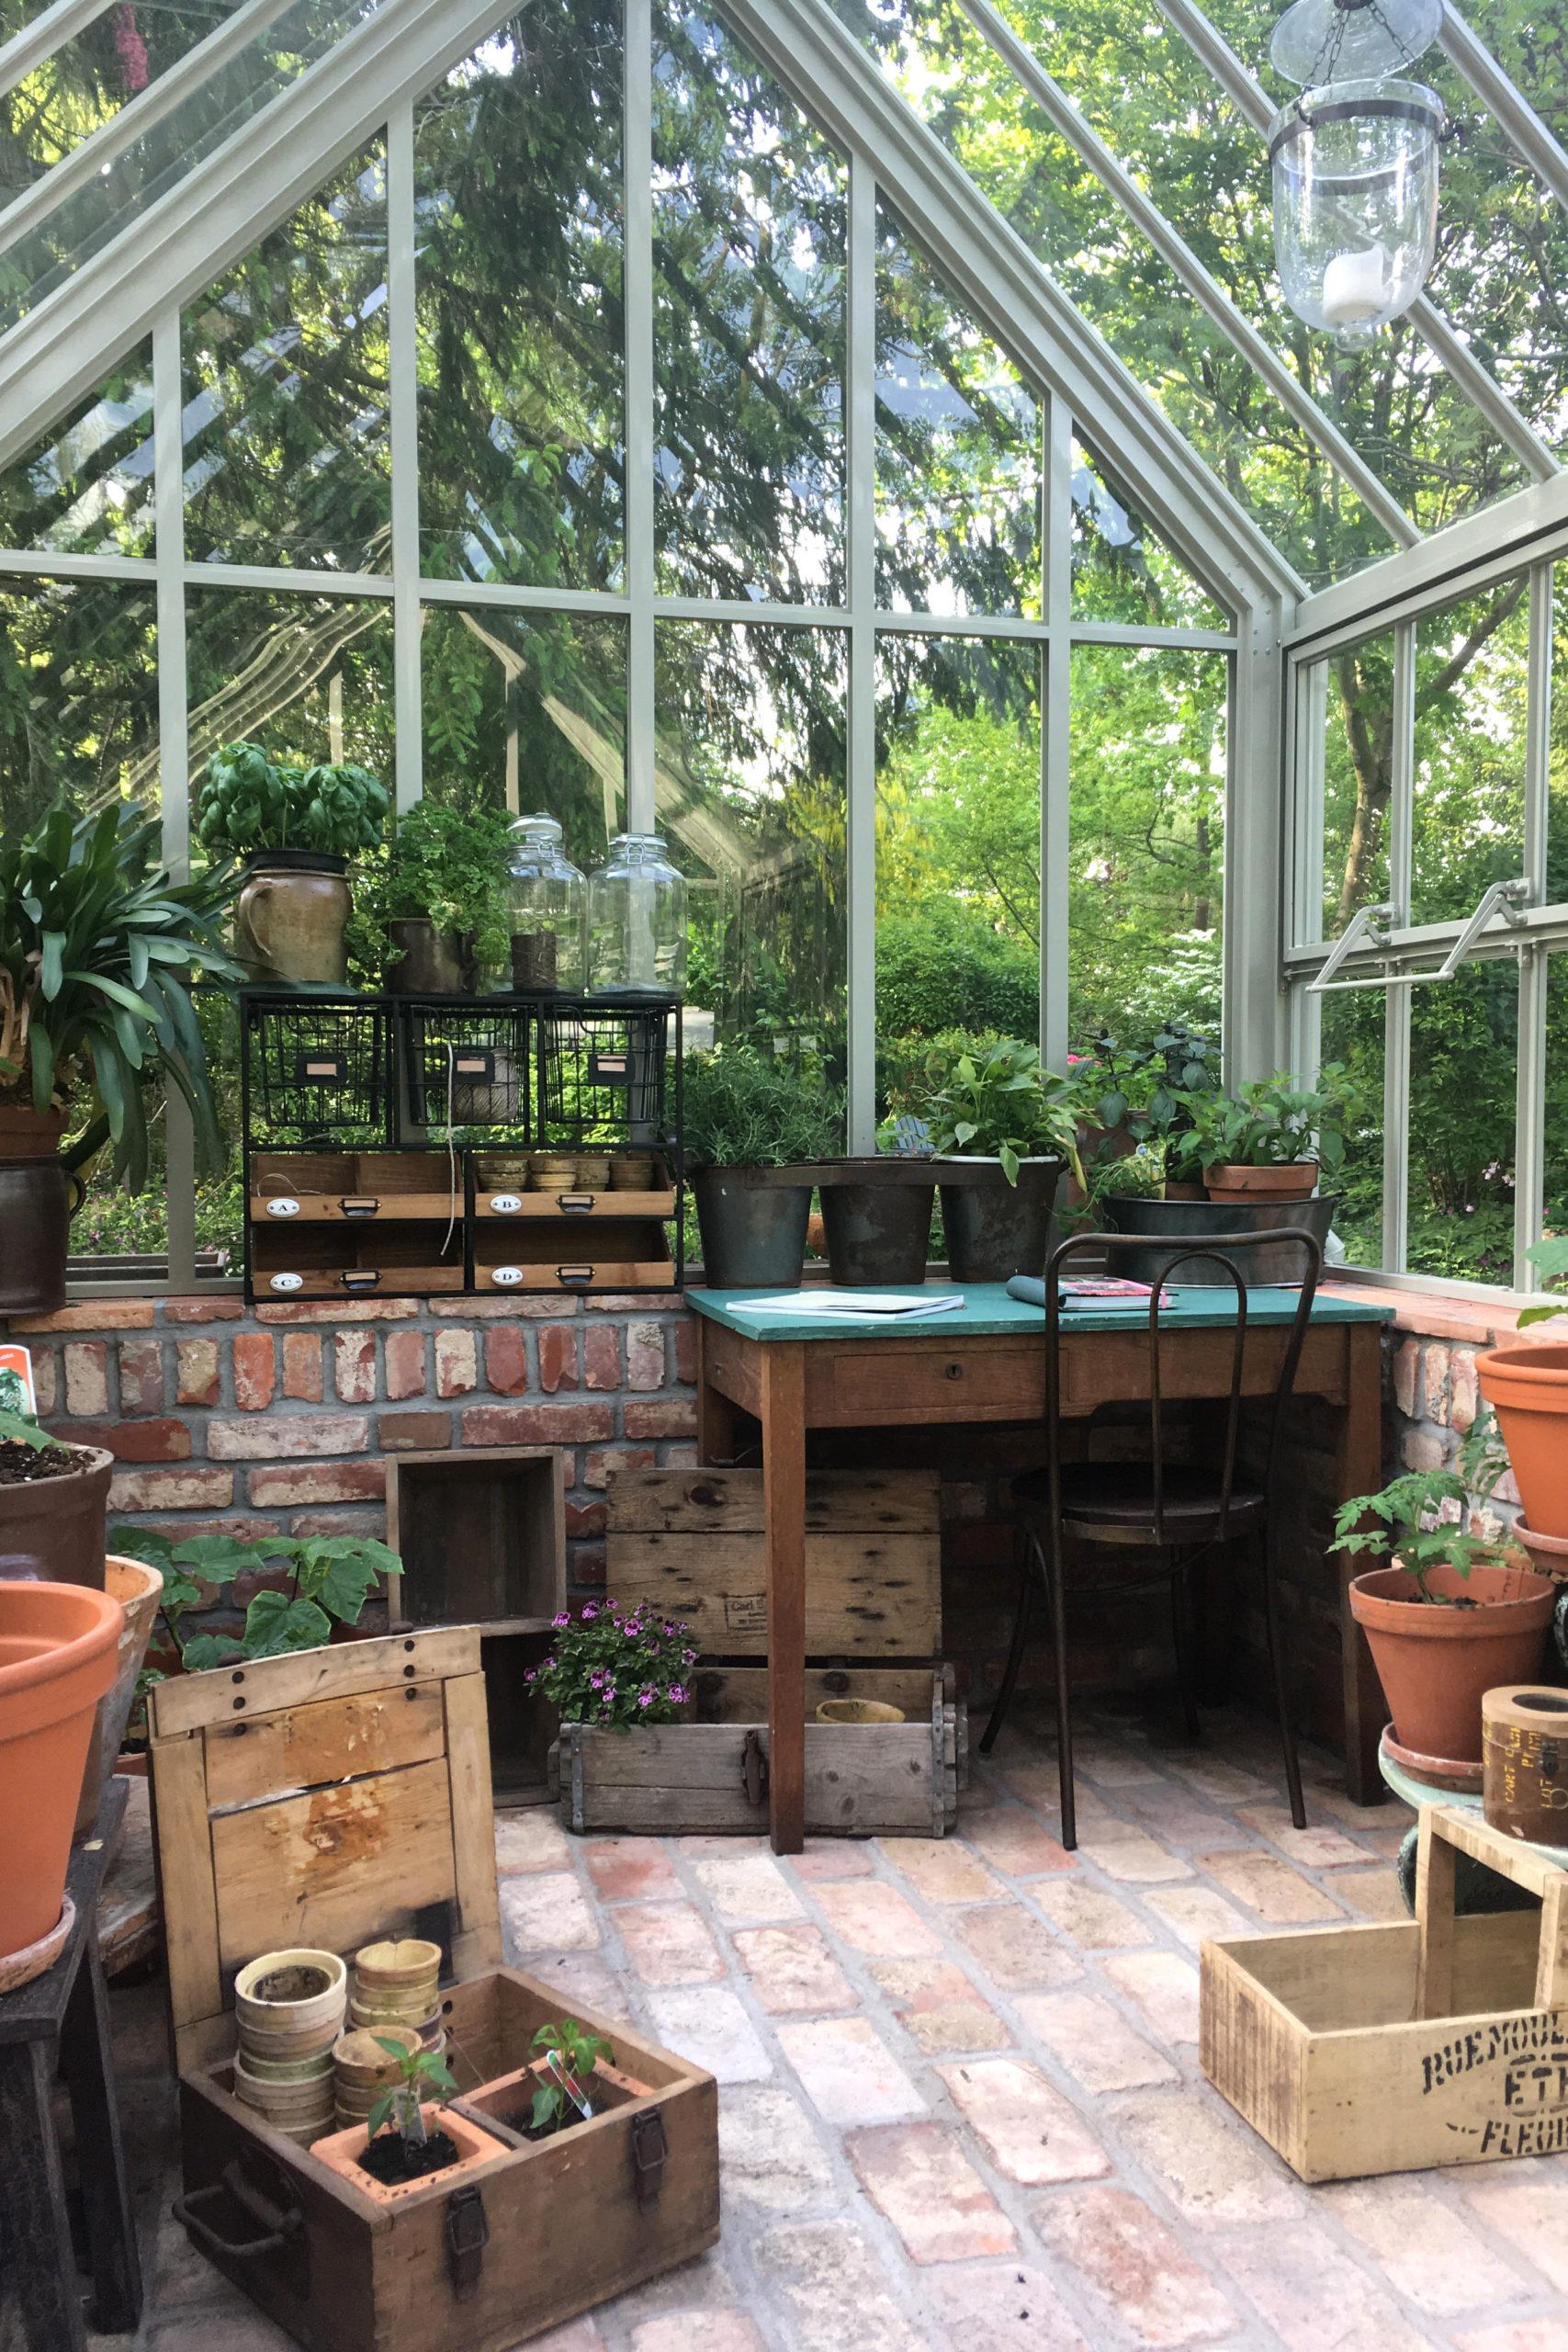 Um Pflanzen anzubauen oder die Seele baumeln zu lassen: Ein Viktorianisches Gewächshaus bietet Platz für vielerlei.